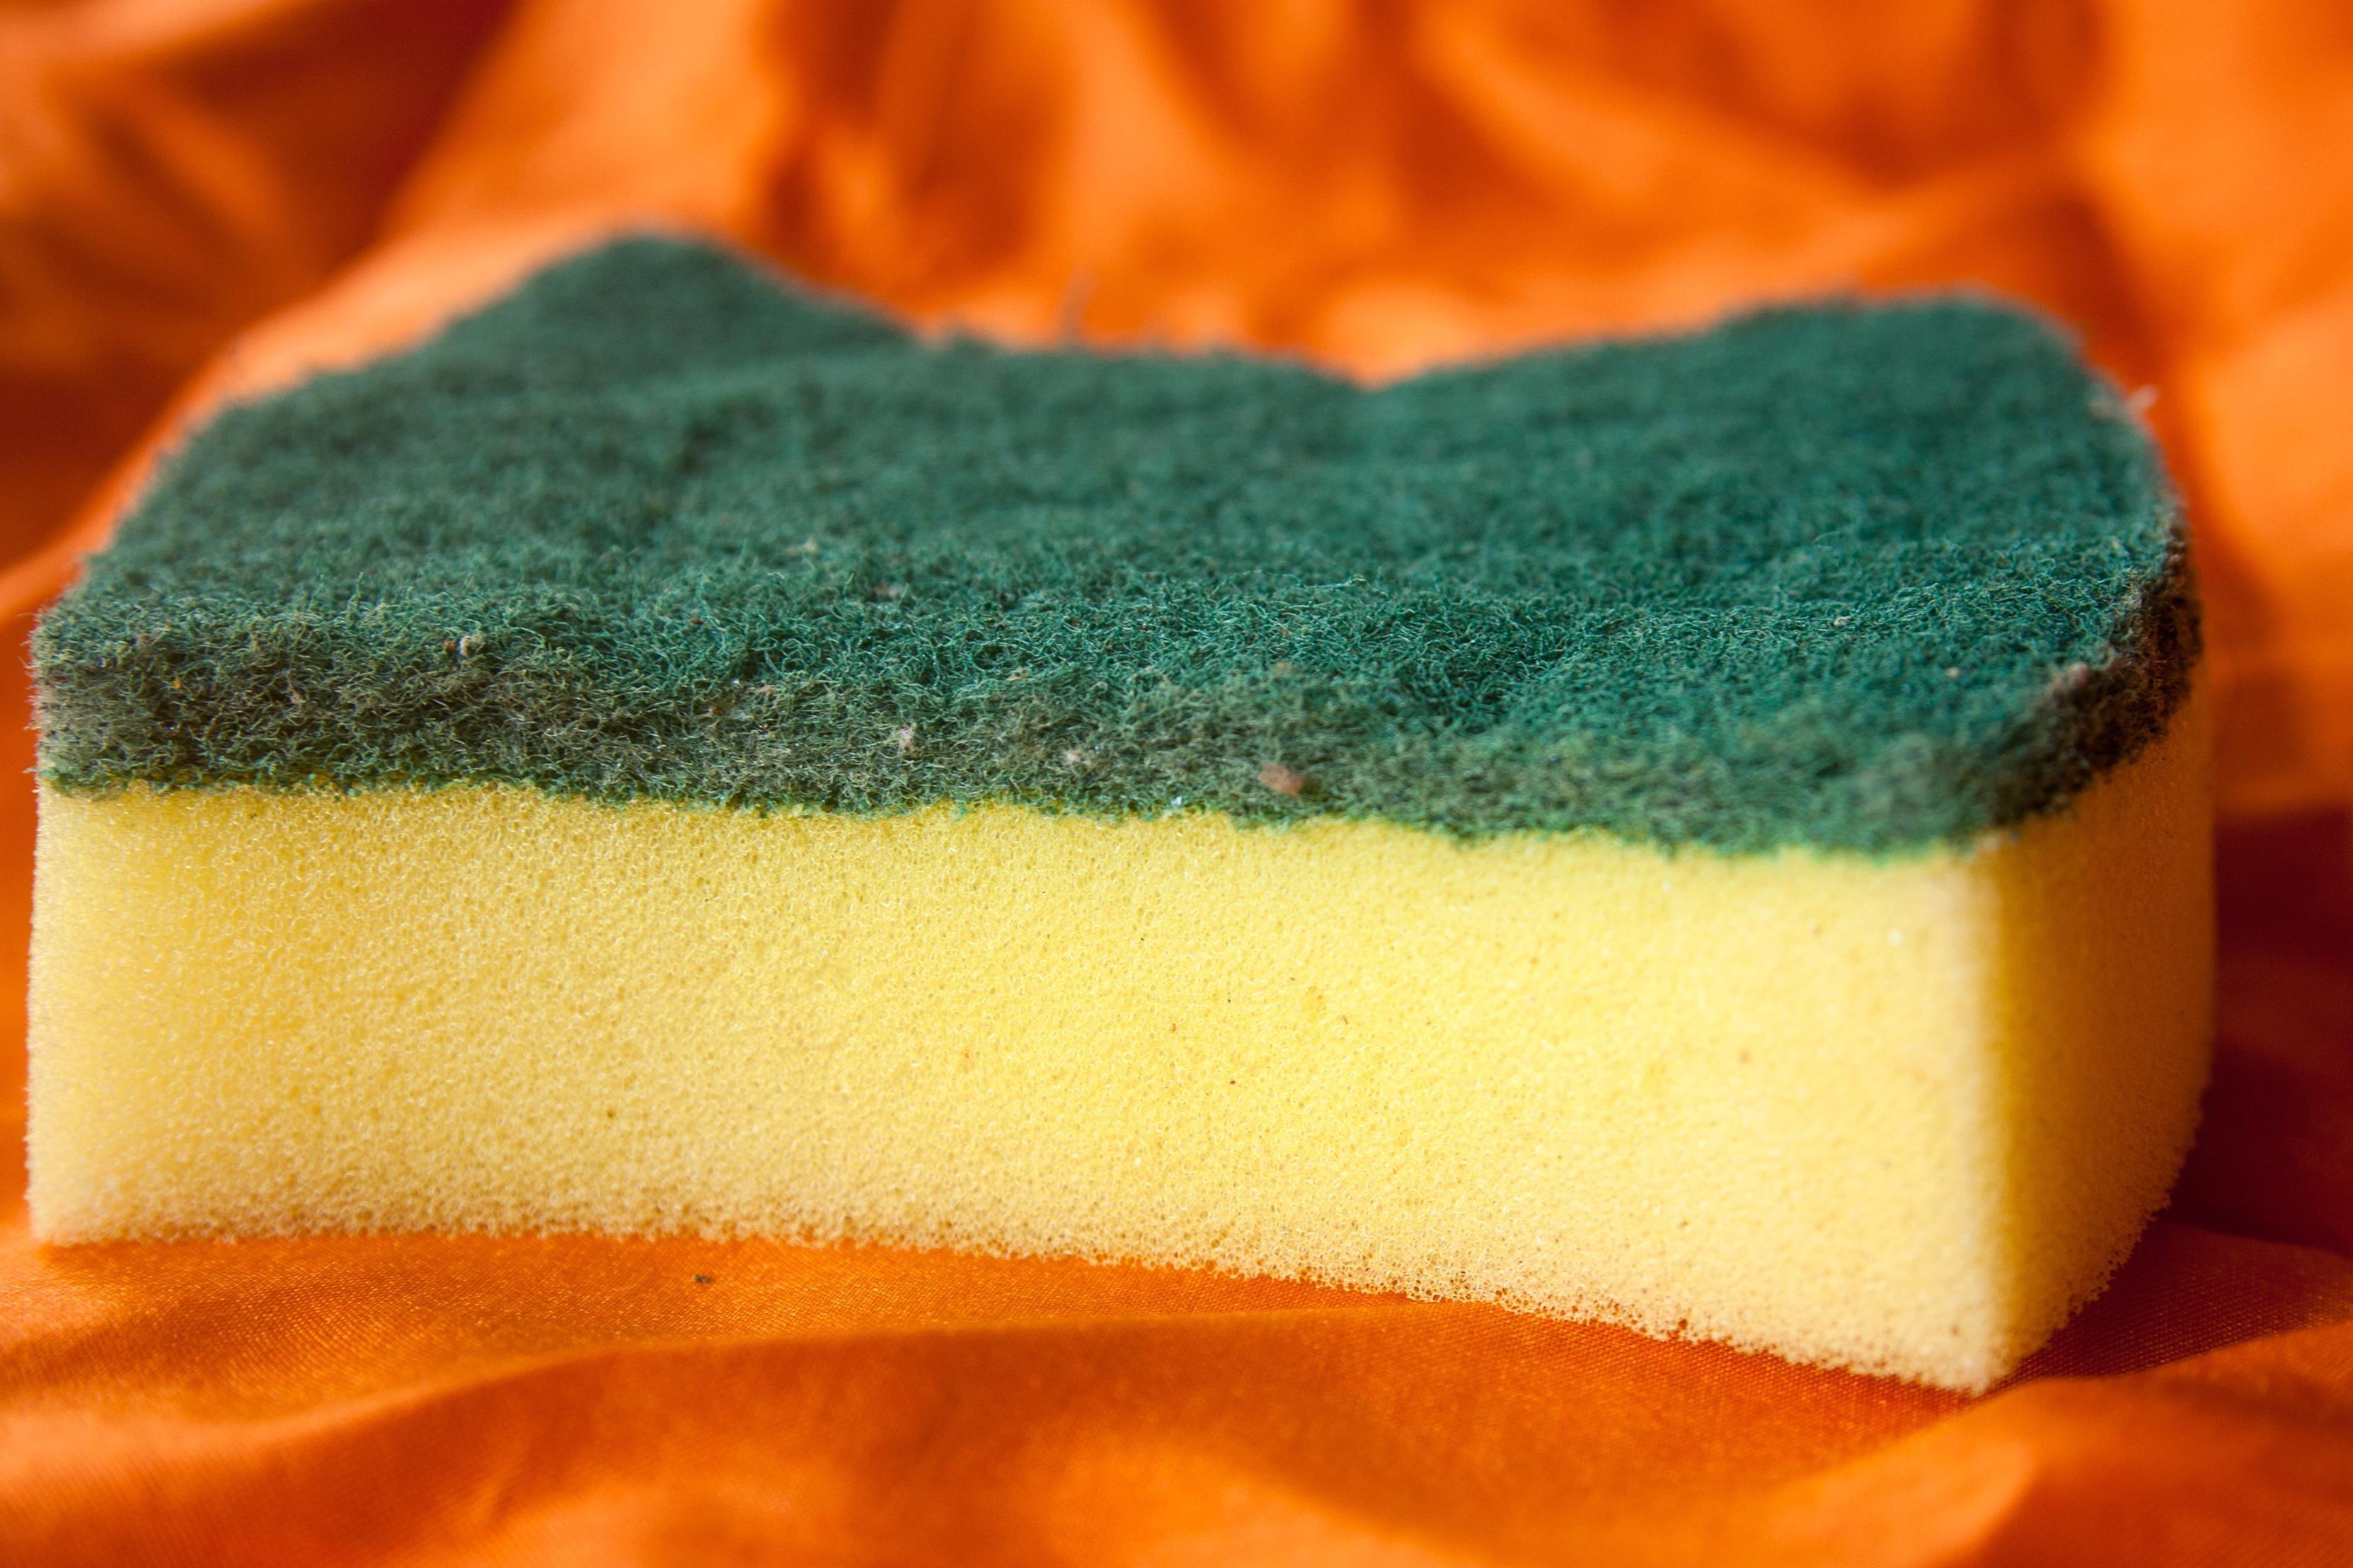 Free picture: scrubbing foam, sponge, object, tool